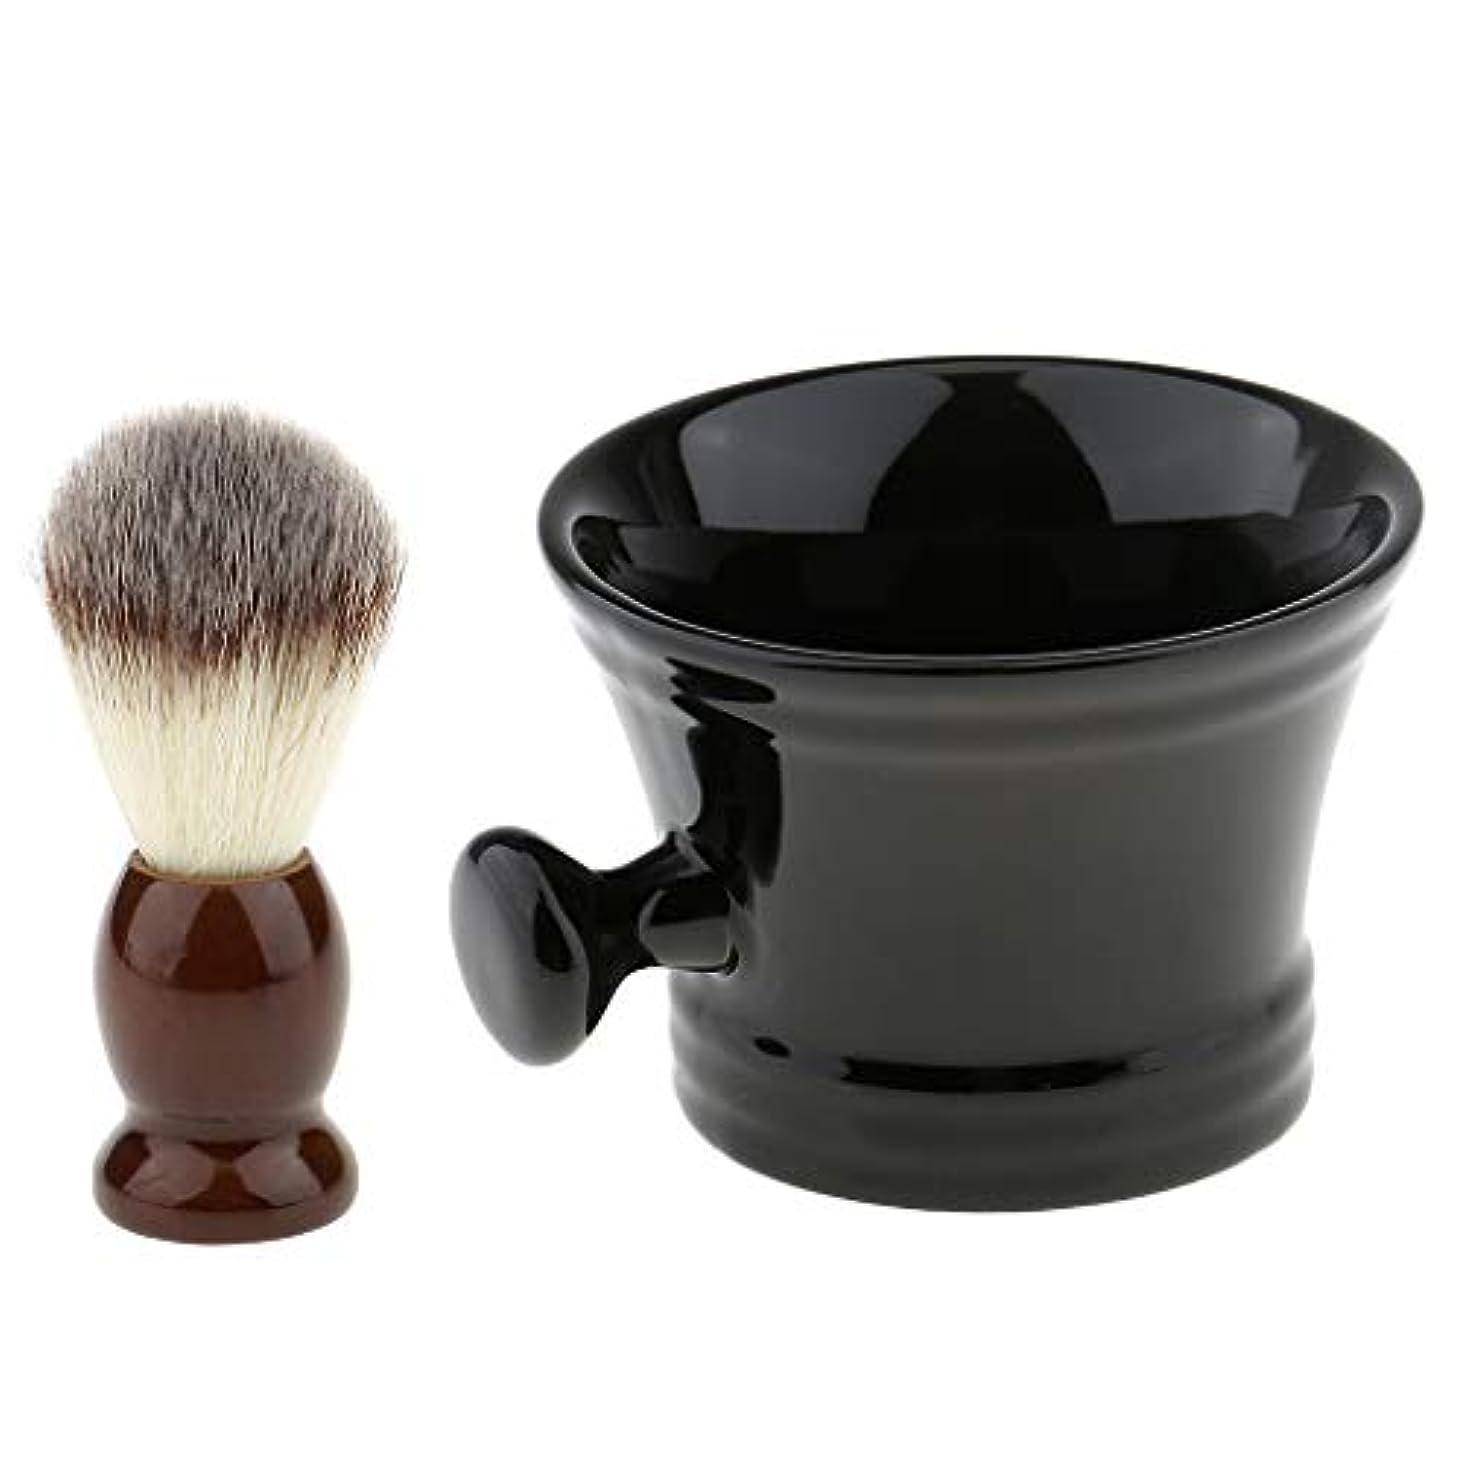 与える第二に非効率的なメンズ シェービング 洗顔 髭剃り ひげブラシ セラミックボウル 泡立ち 理容 アクセサリー 2点セット